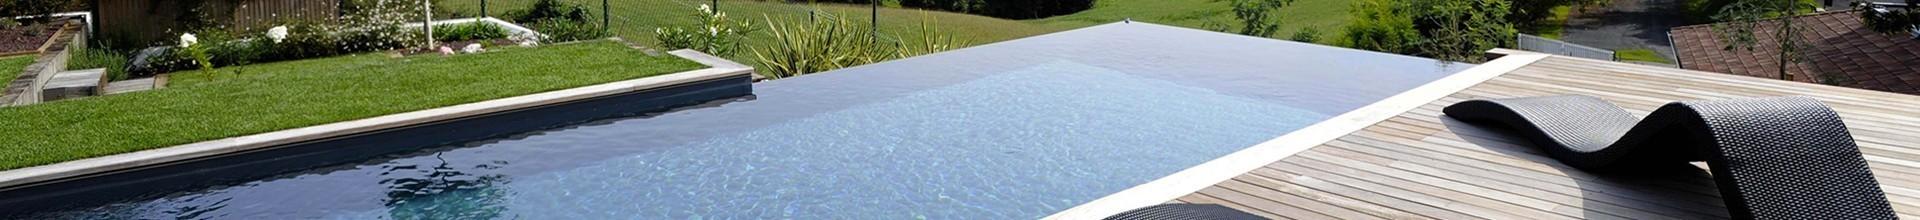 Luxembourg conception conteneur piscine coque sur mesure Dudelange